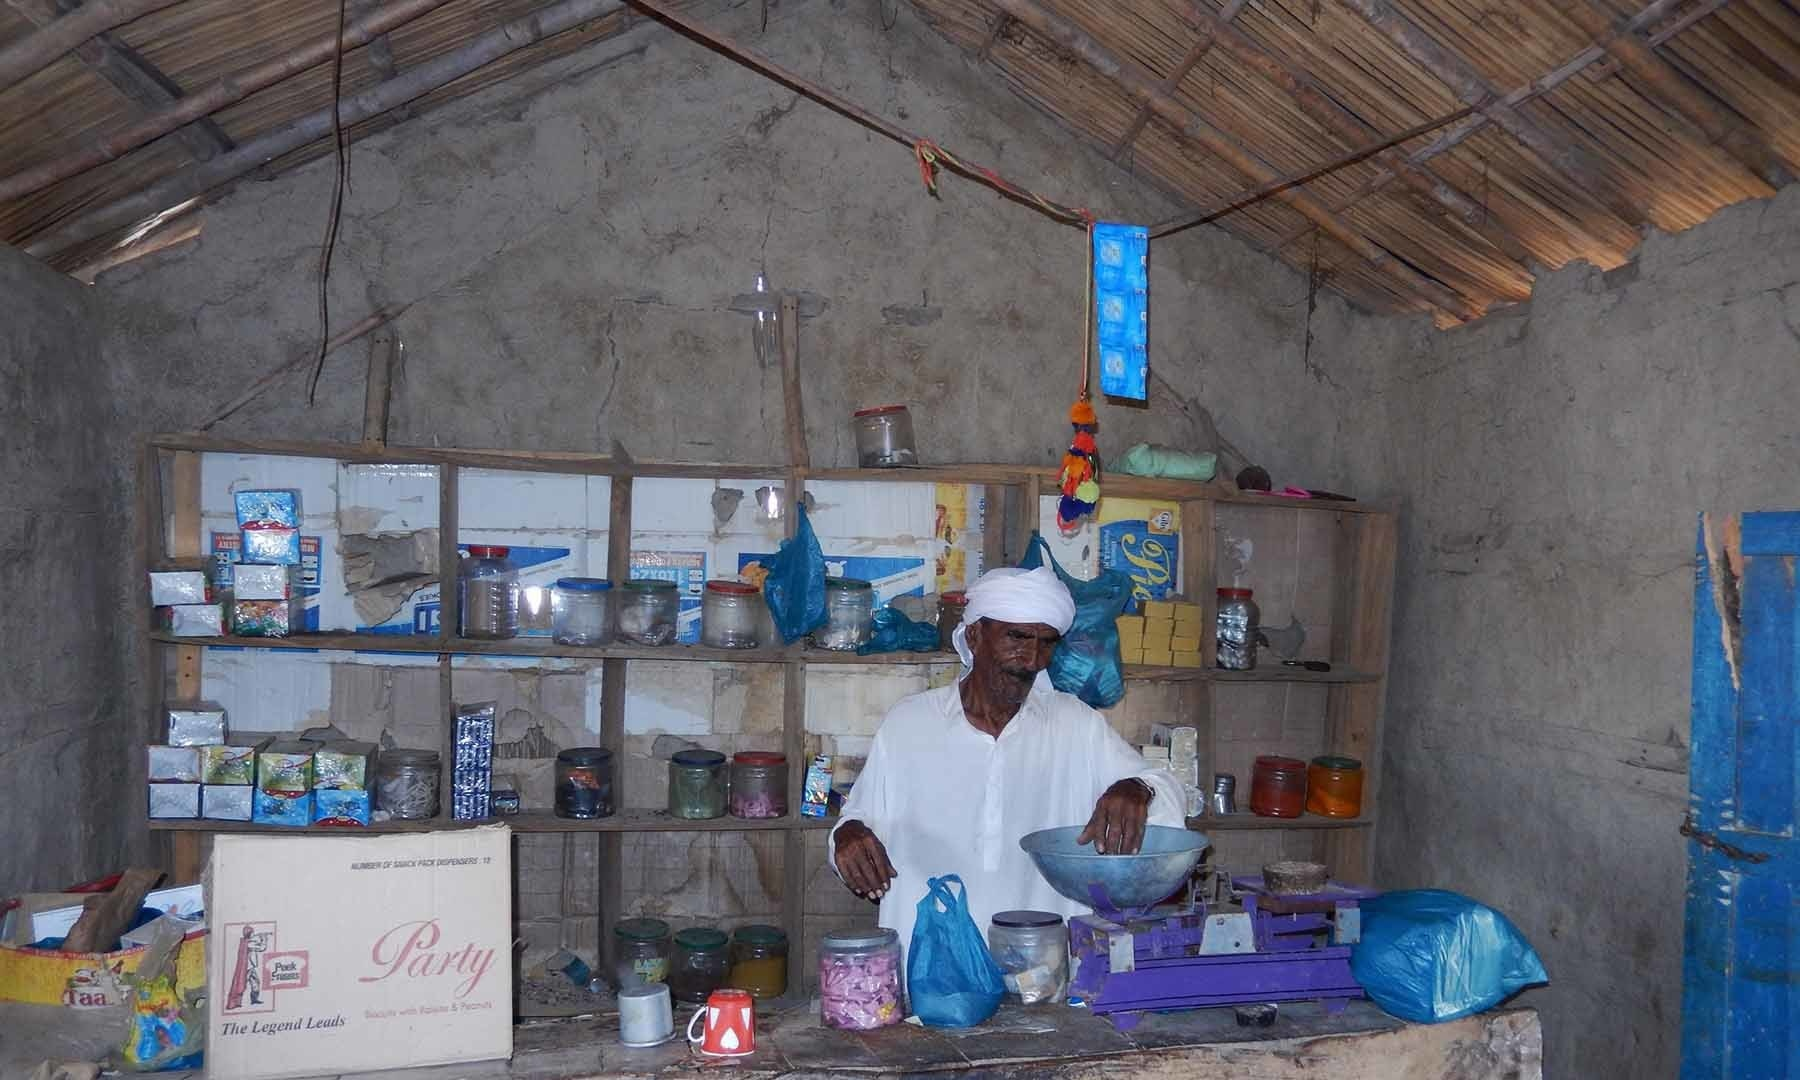 علی محمد شاہ اپنی دکان کے اندر — تصویر ابوبکر شیخ